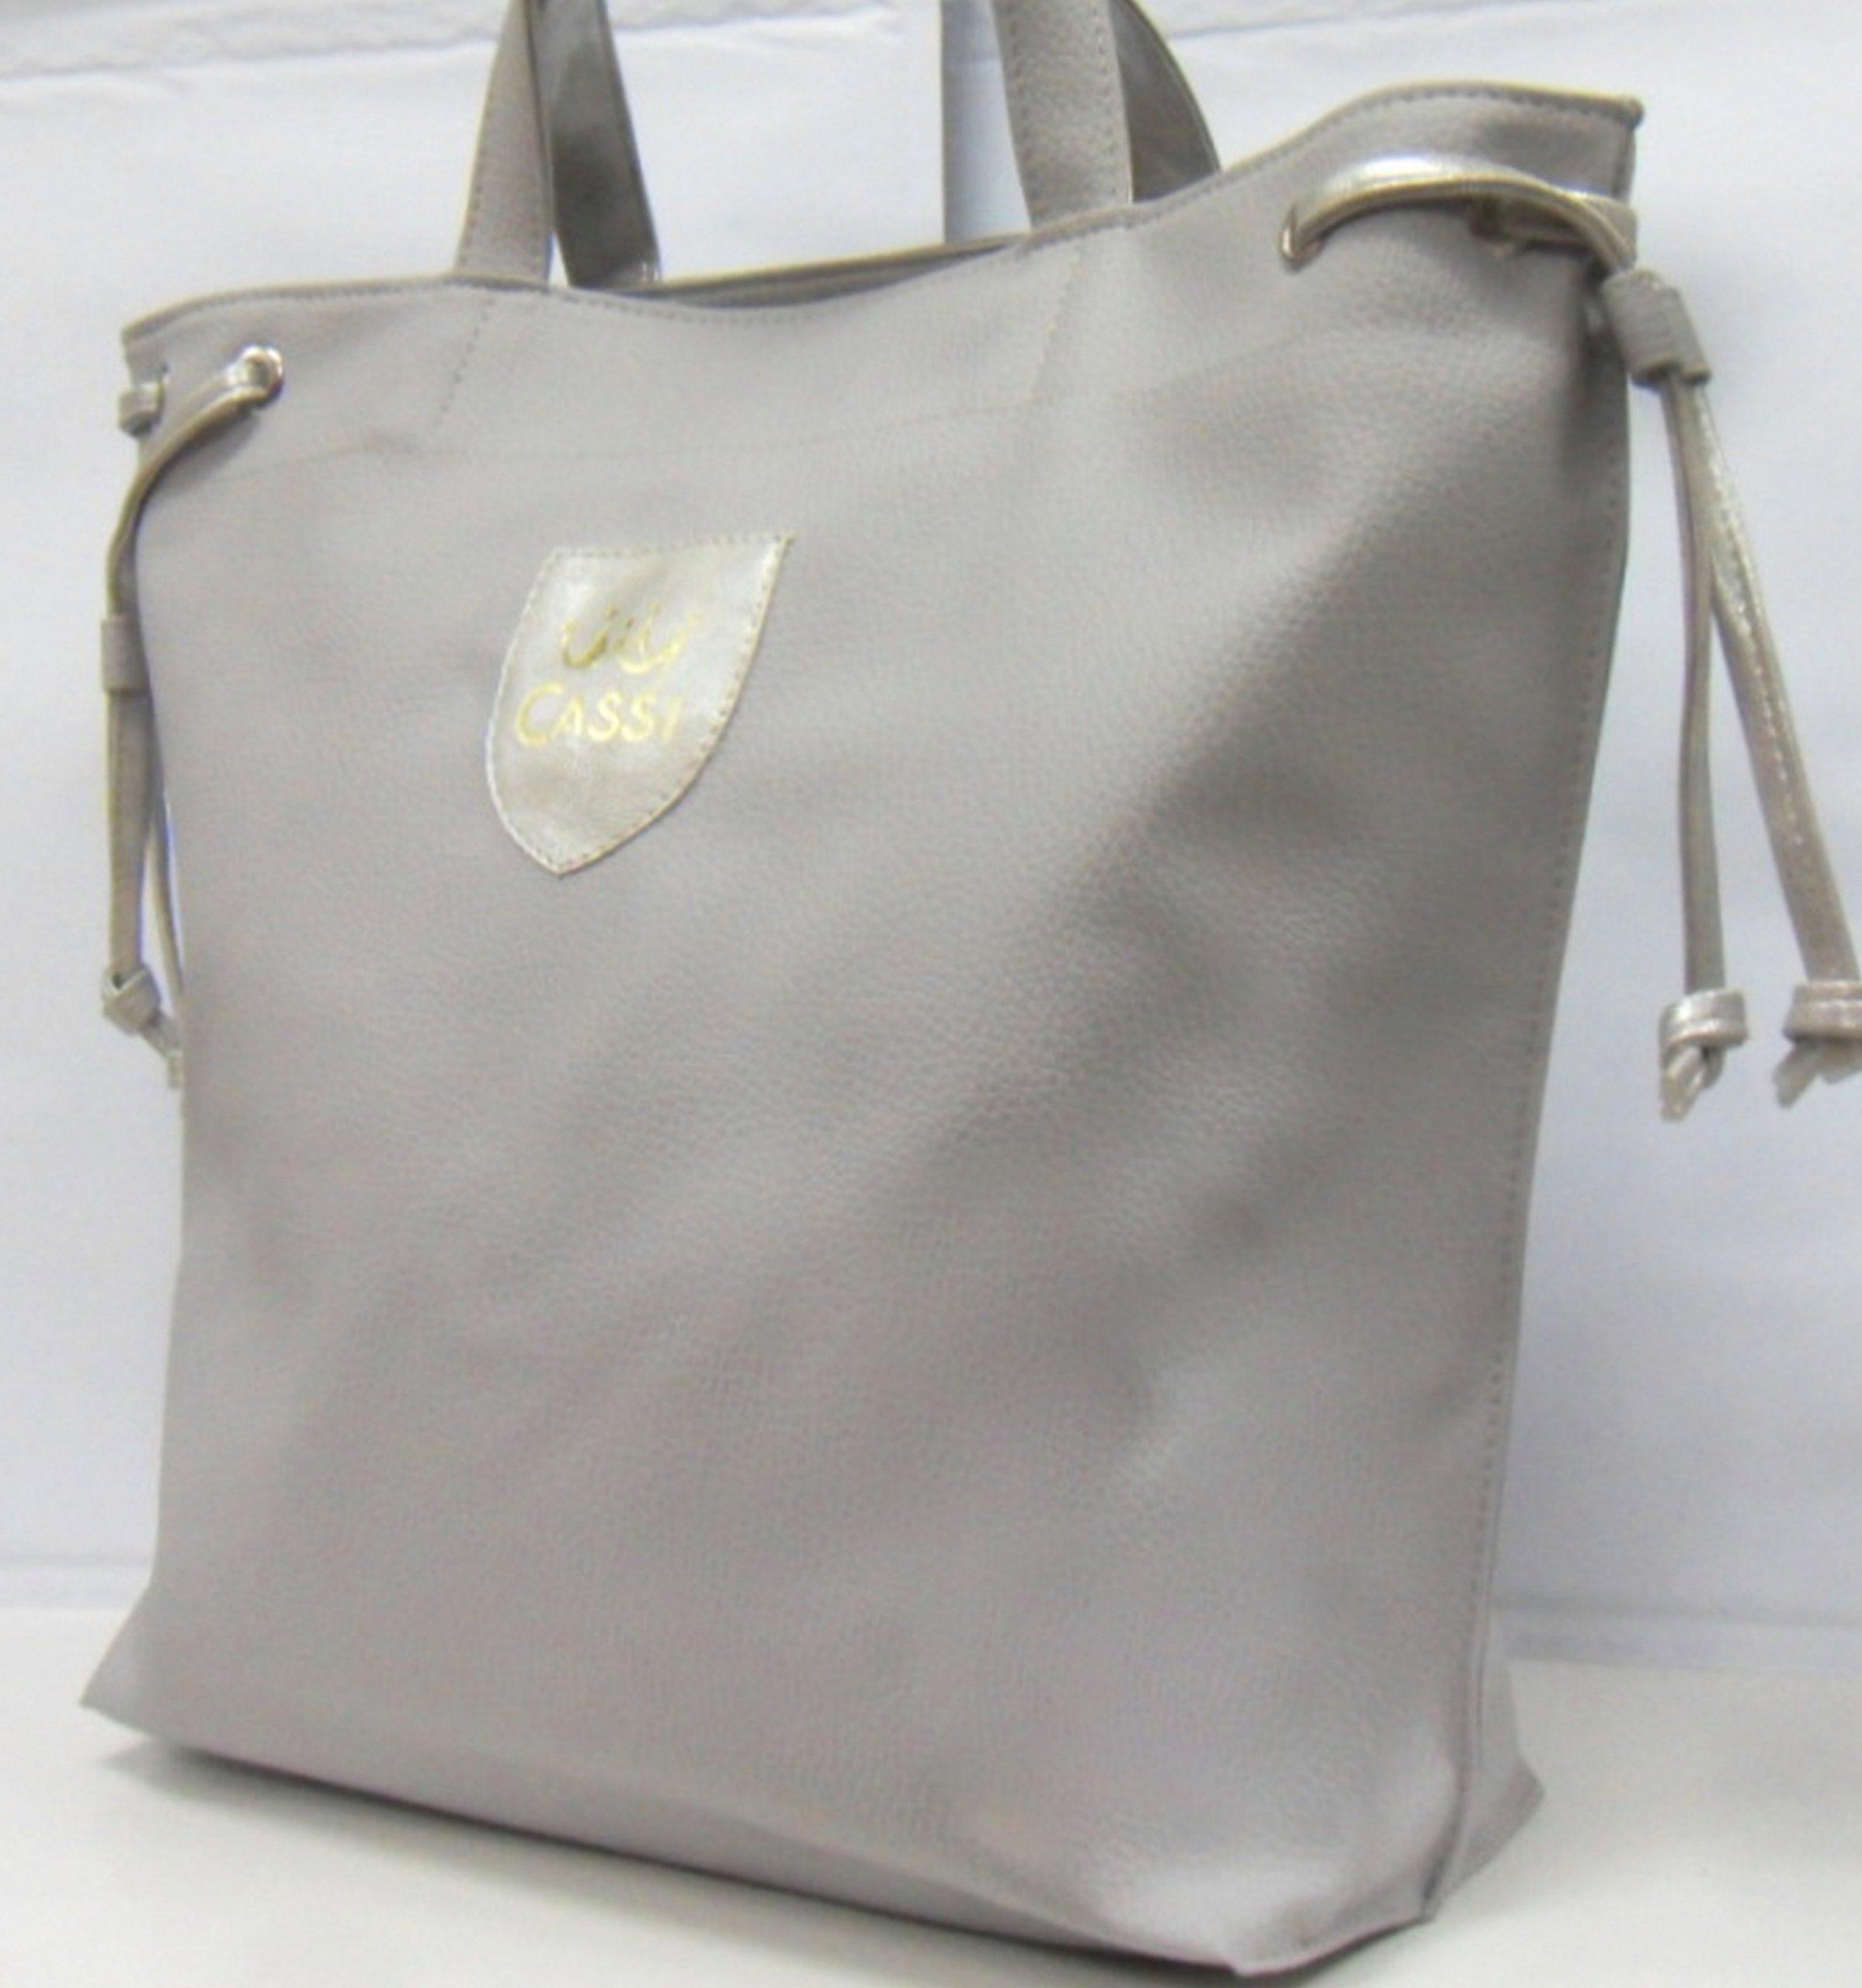 be572eaef5719 TOREBKA CASSI WOREK DUŻA A4 POPIEL shoper bag 812 - 6901821231 ...